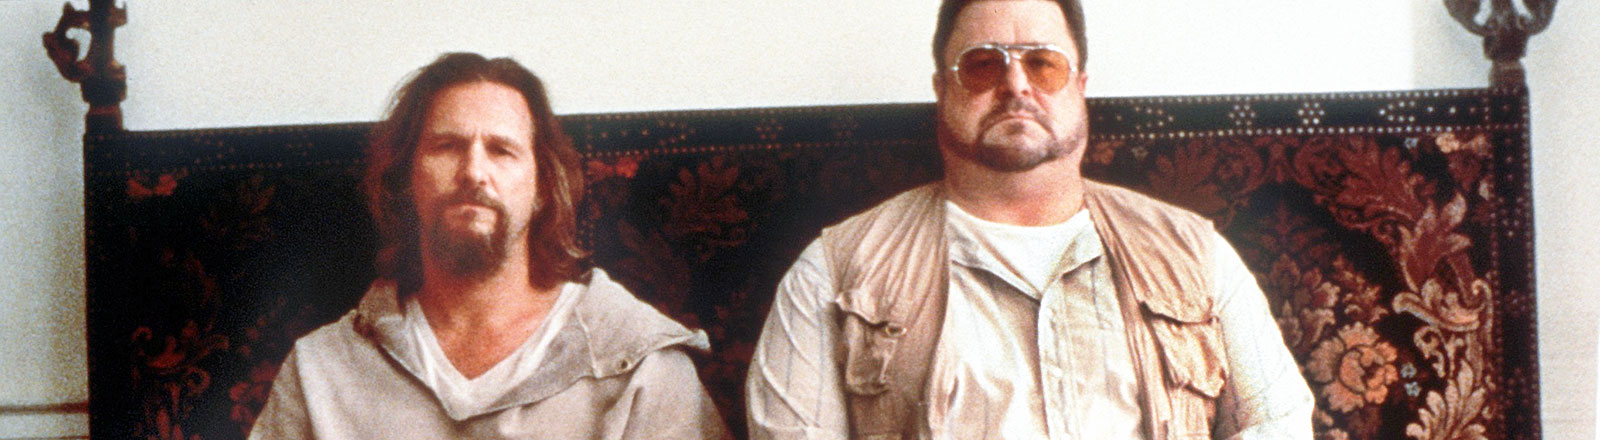 """Szene aus dem Kinofilm """"The Big Lebowski"""" mit den beiden Schauspielern Jeff Bridges und John Goodman."""